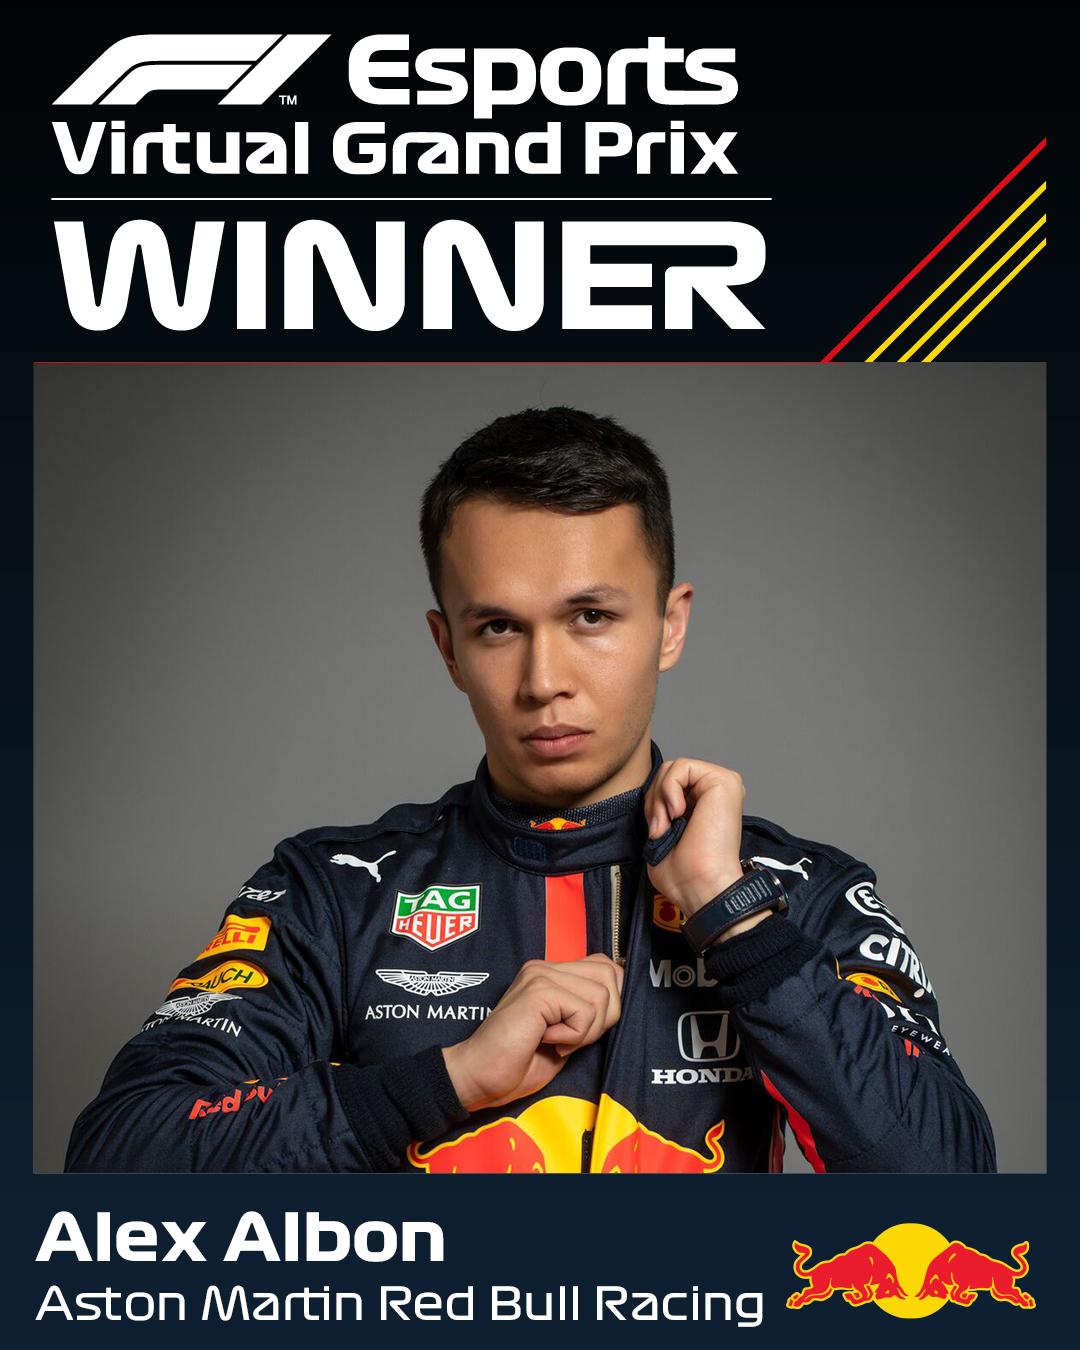 Формула-1: Албон виграв етап віртуальних перегонів